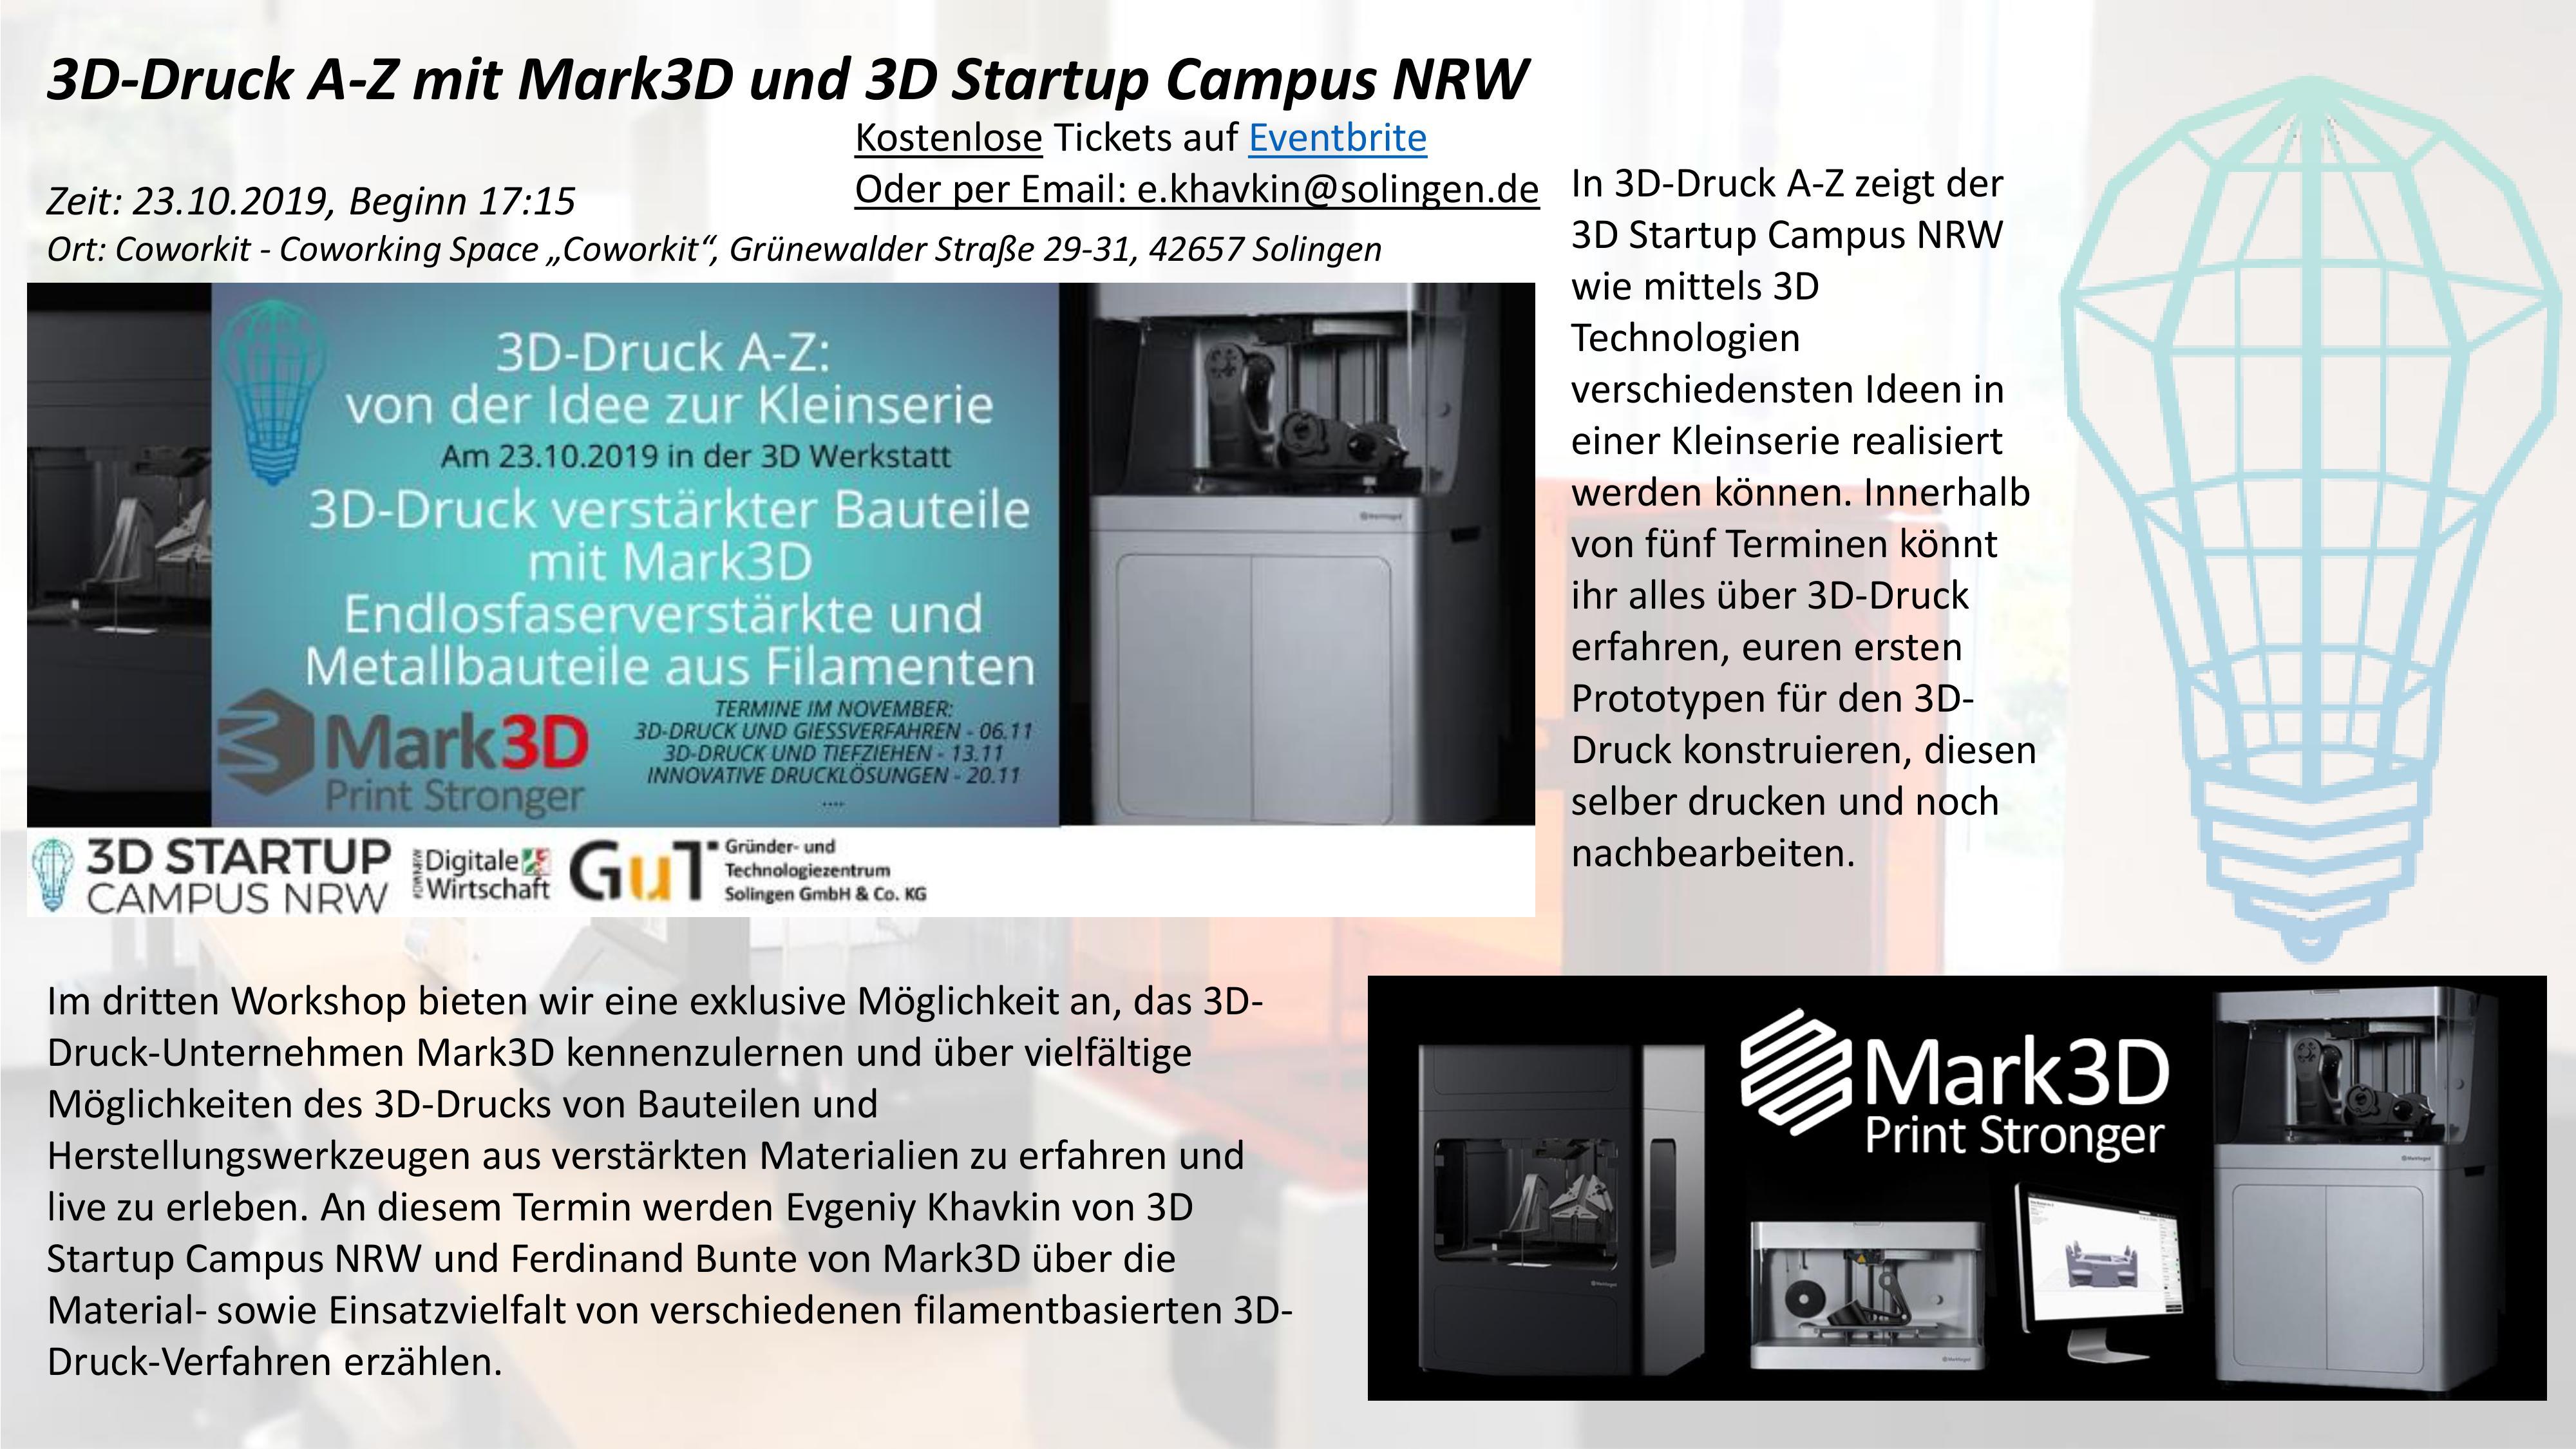 3D-Druck A-Z mit Mark3D und 3D Startup Campus NRW